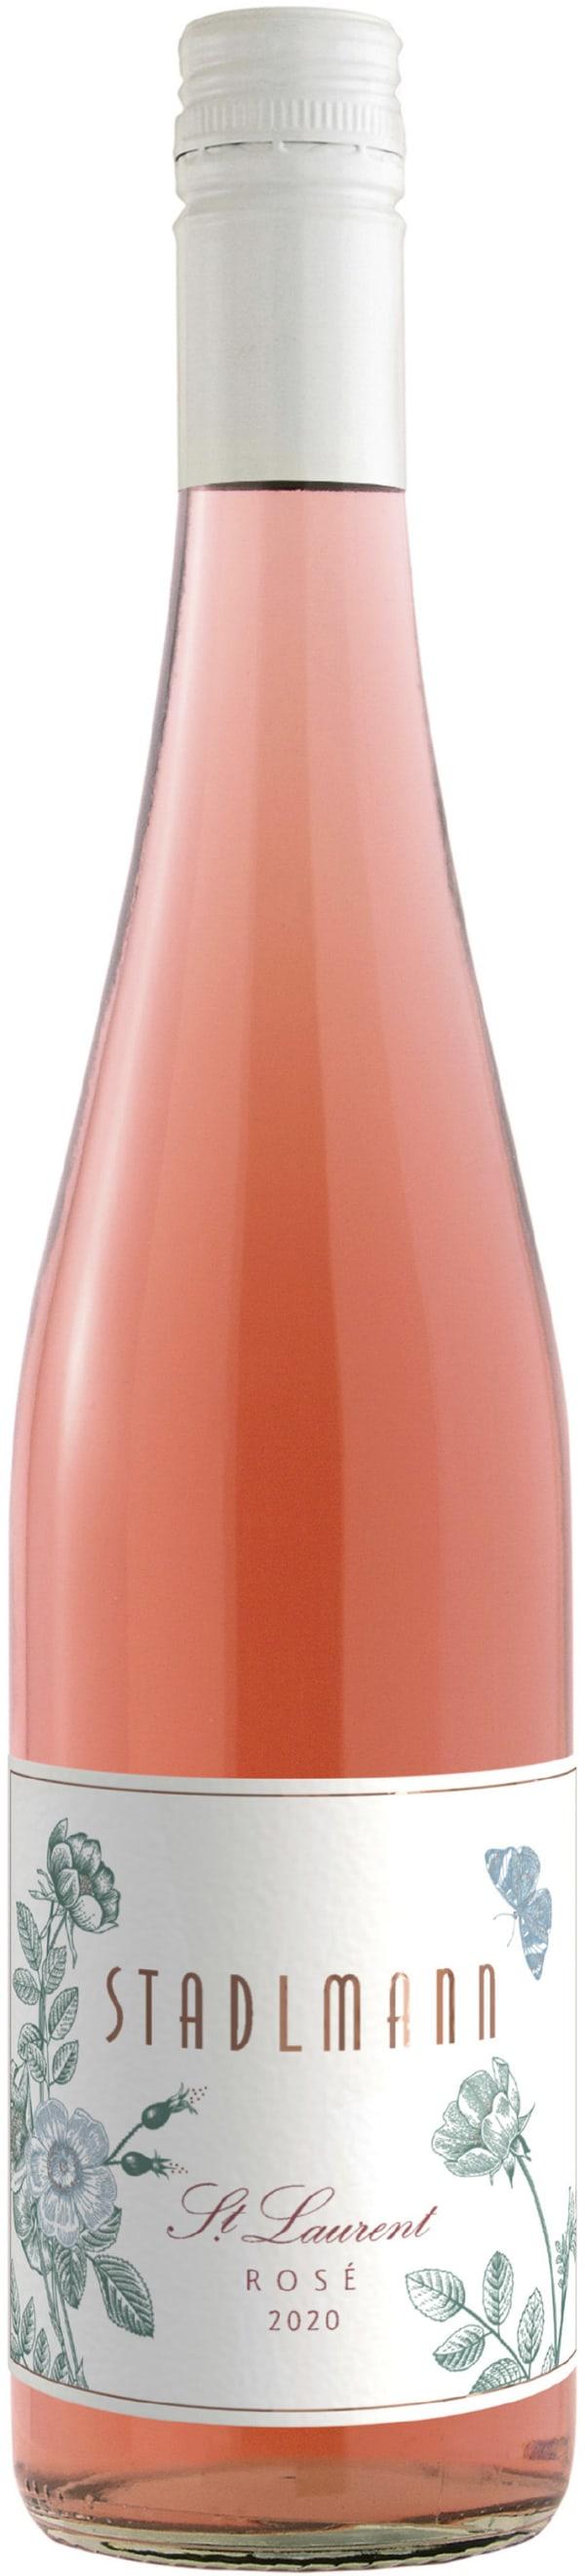 Stadlmann Rosé St.Laurent 2016